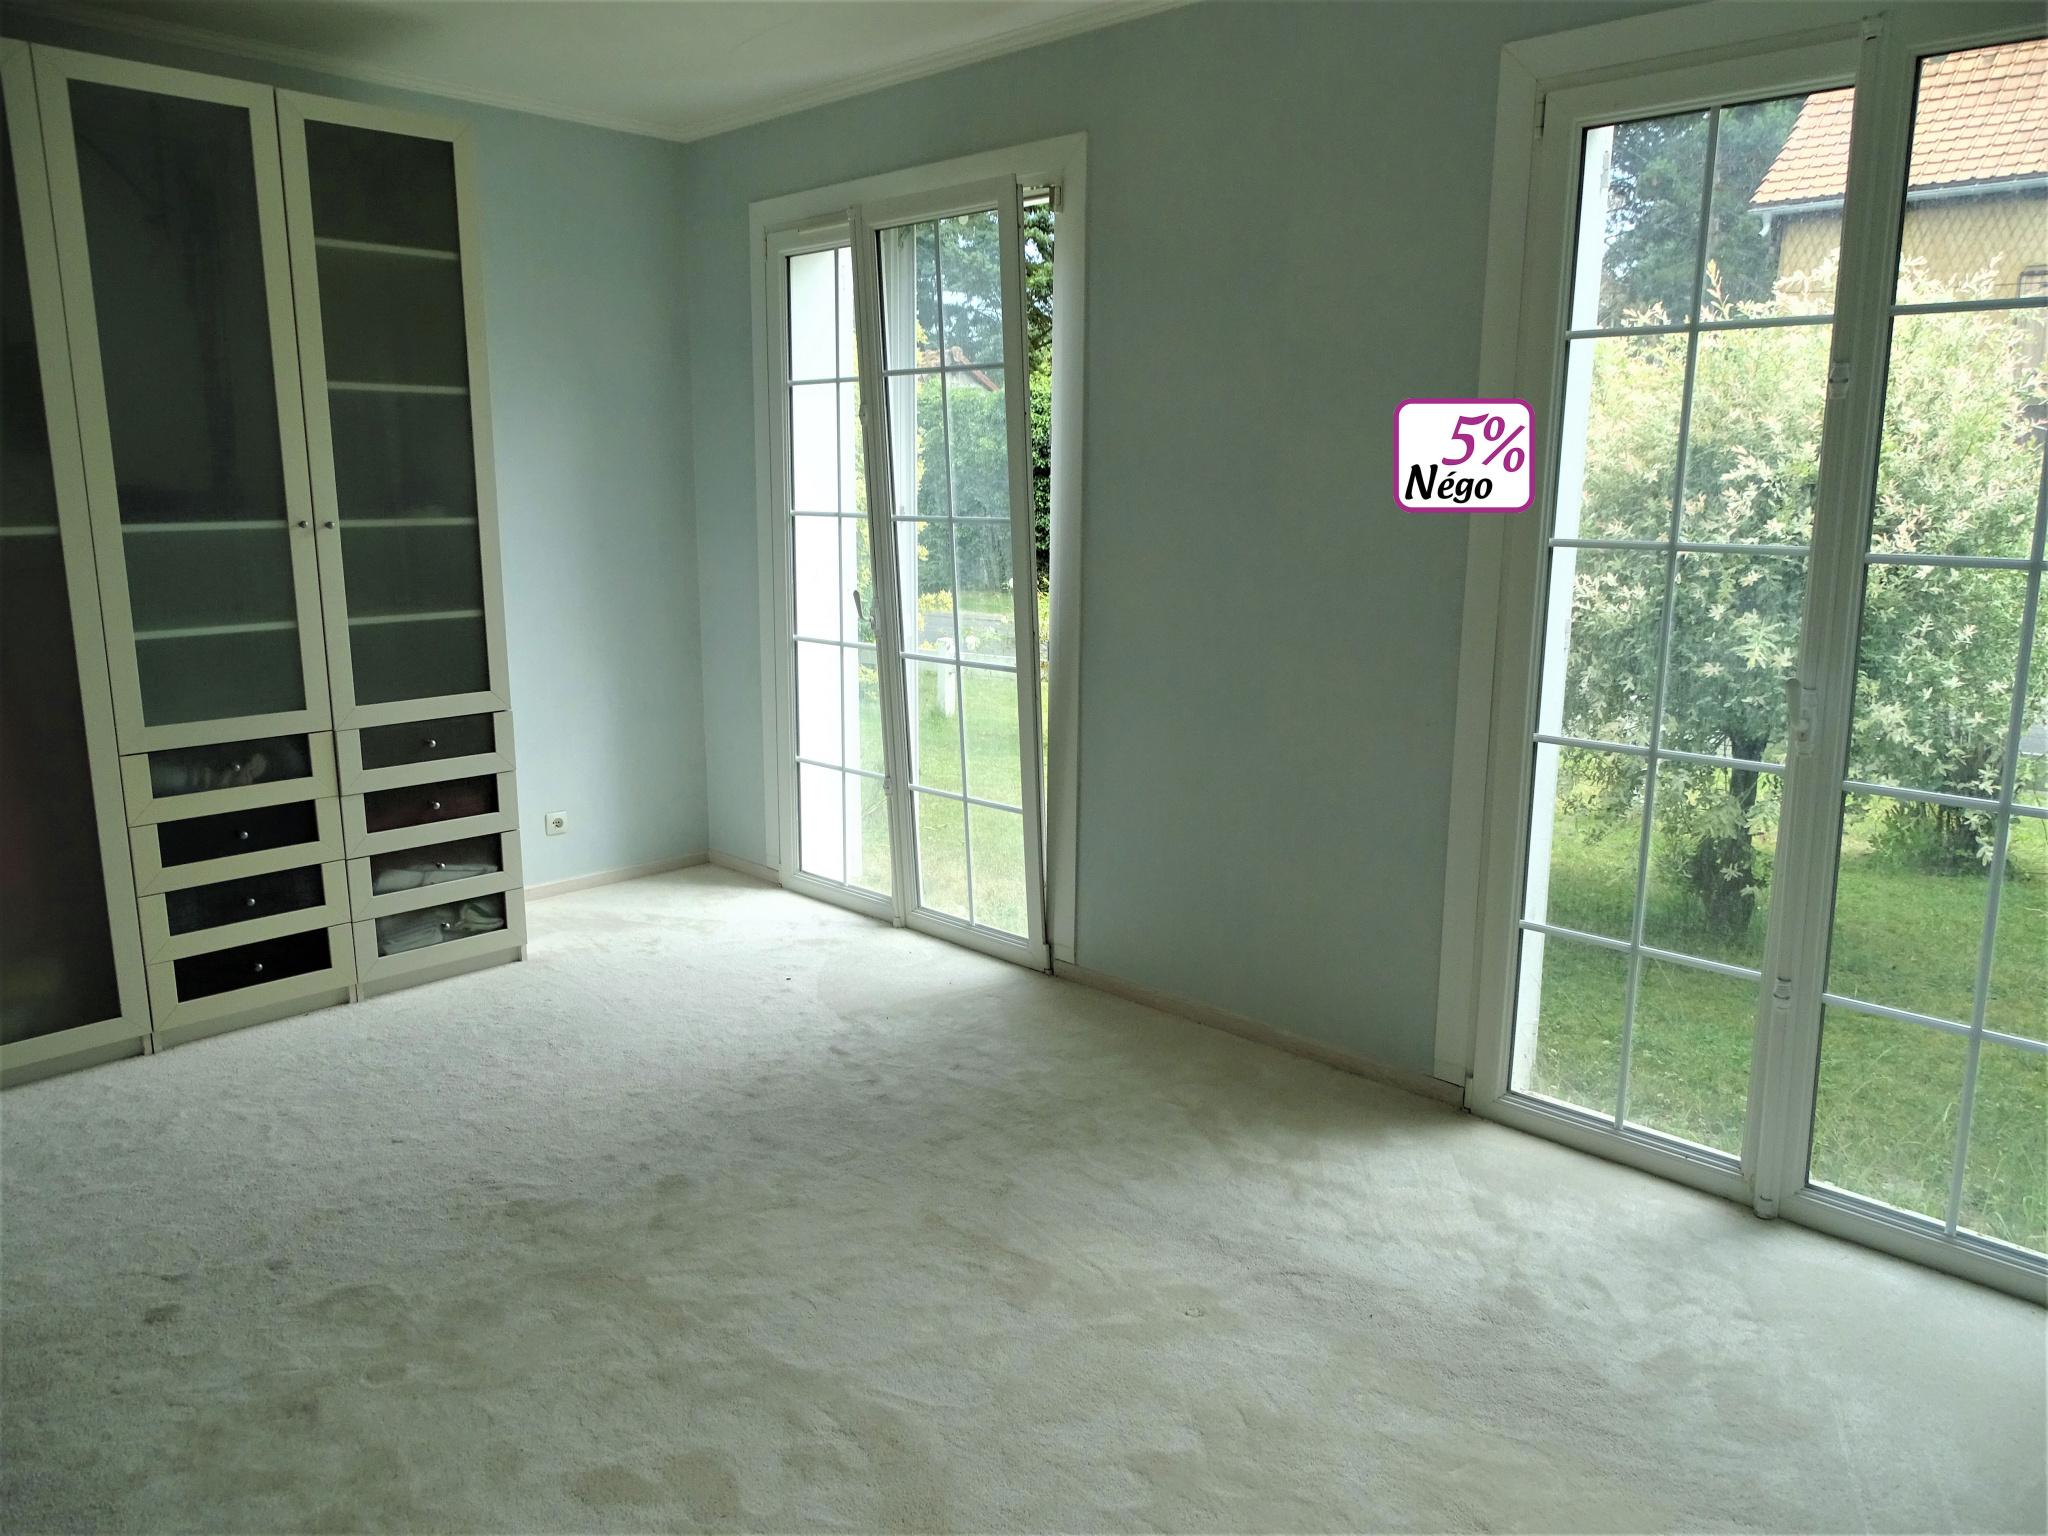 ACHAT / VENTE SUPERBE MAISON,  5 CH. DONT 2 PLAIN-PIED, 1043 m2 DE TERRAIN